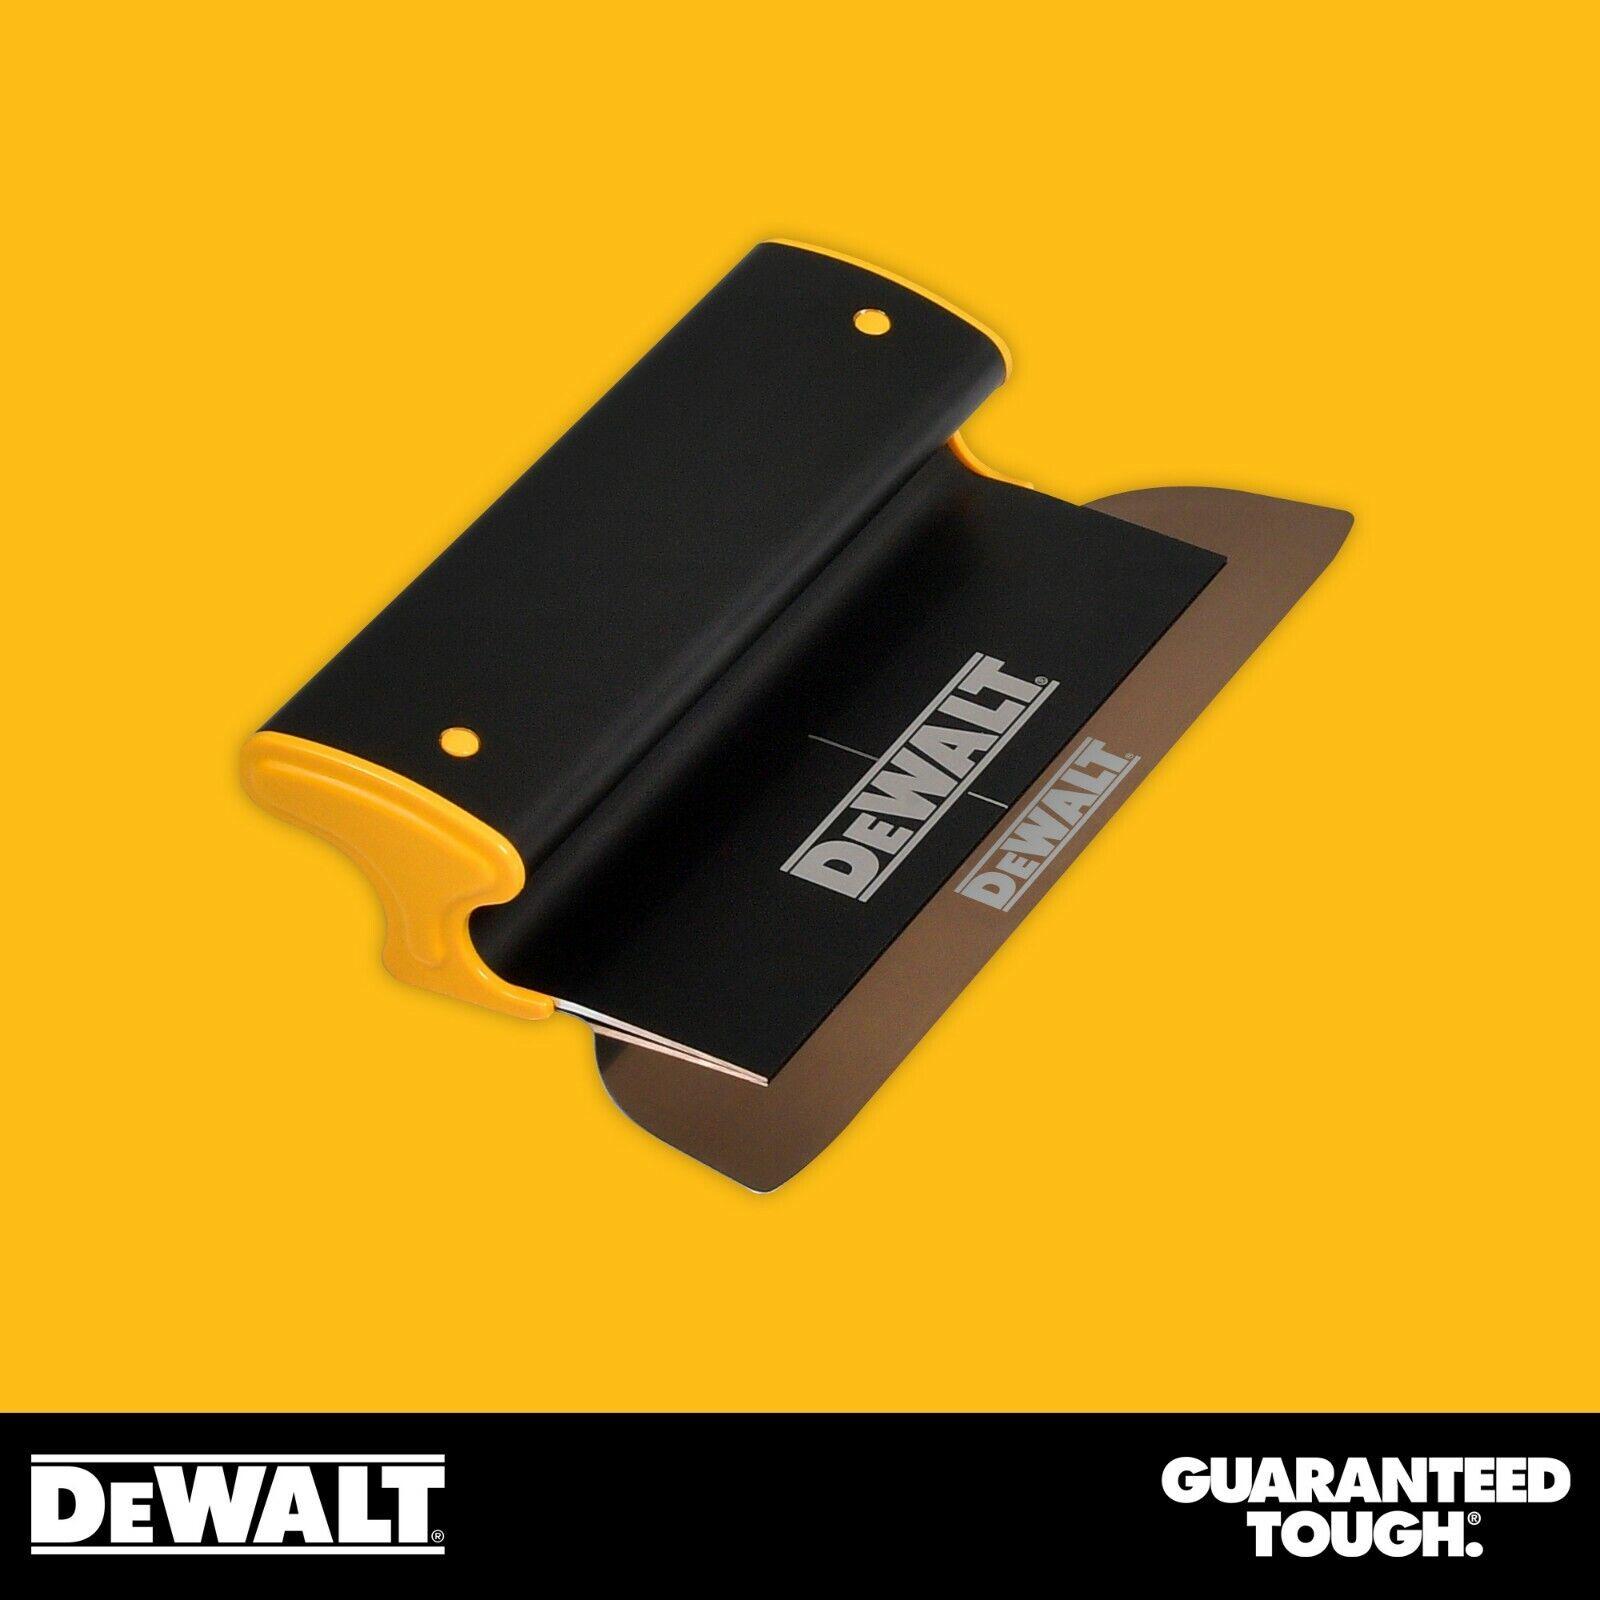 DEWALT Drywall Skimming Blade 10  Finishing Tool Stainless Steel Paint Scraper